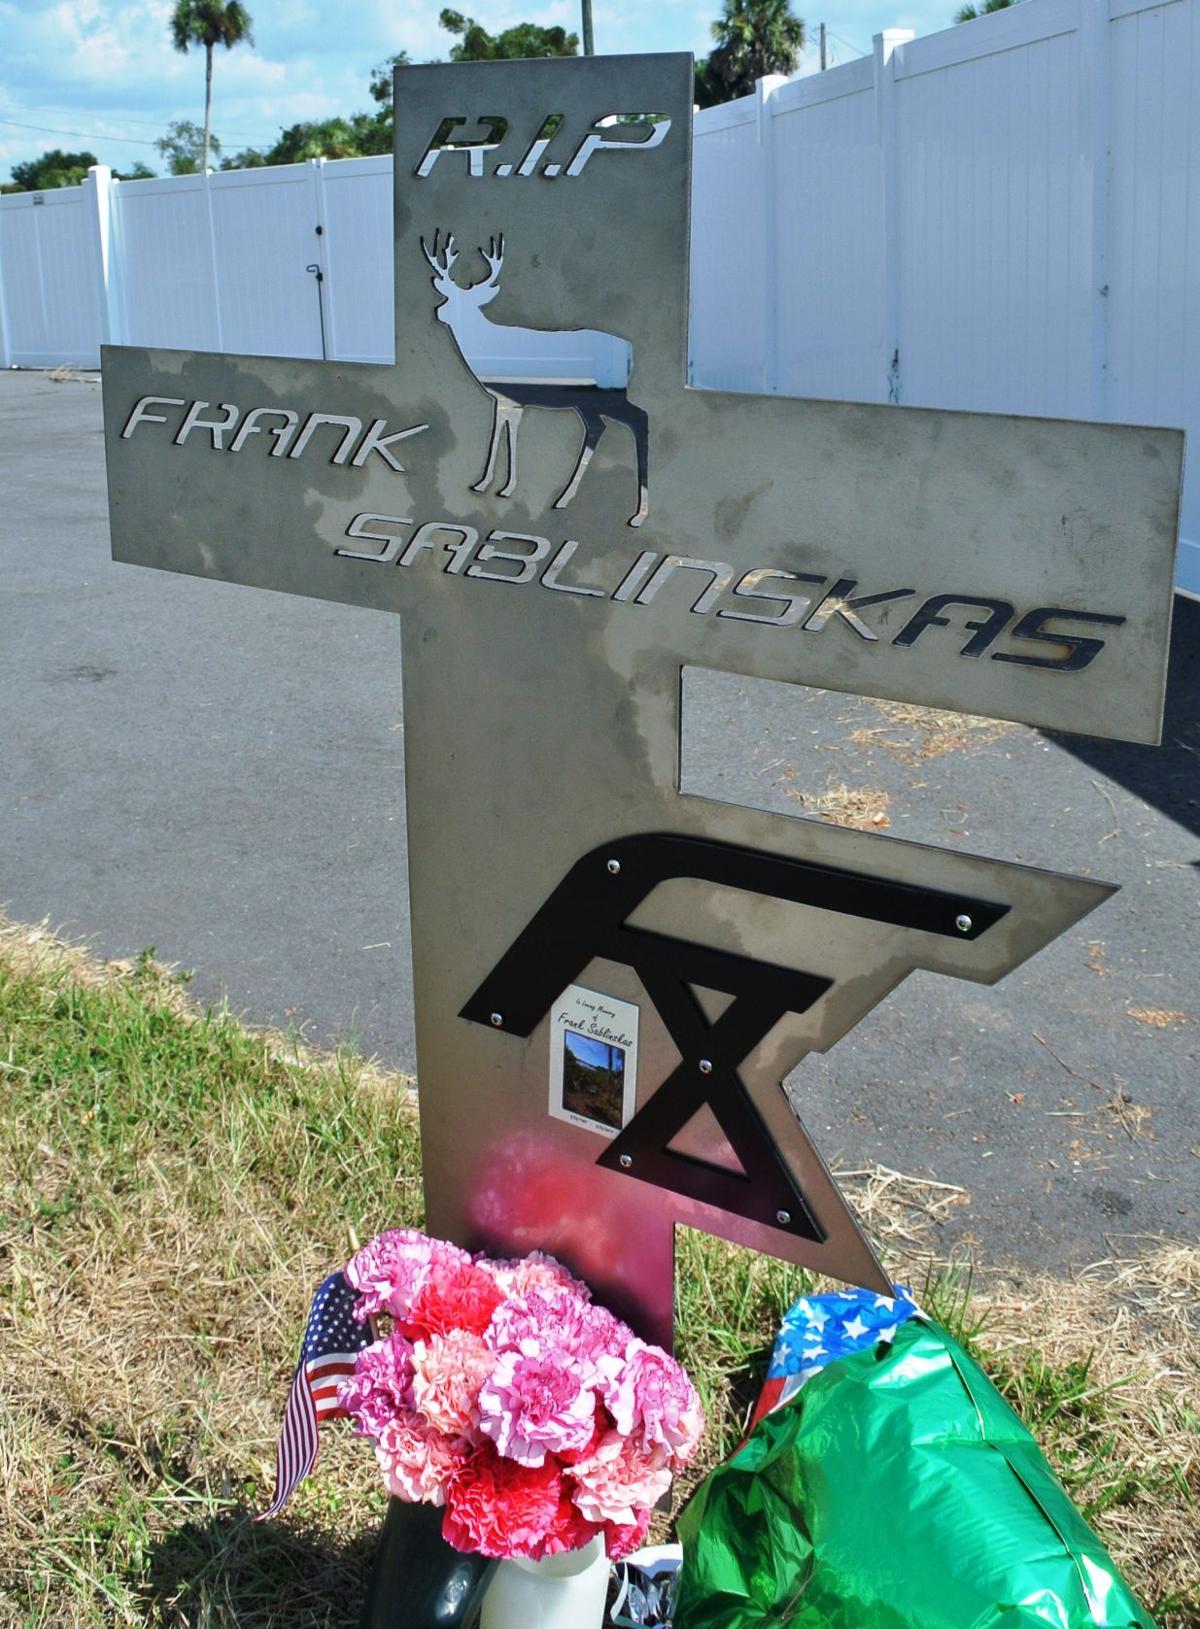 Frank Sablinskas roadside memorial